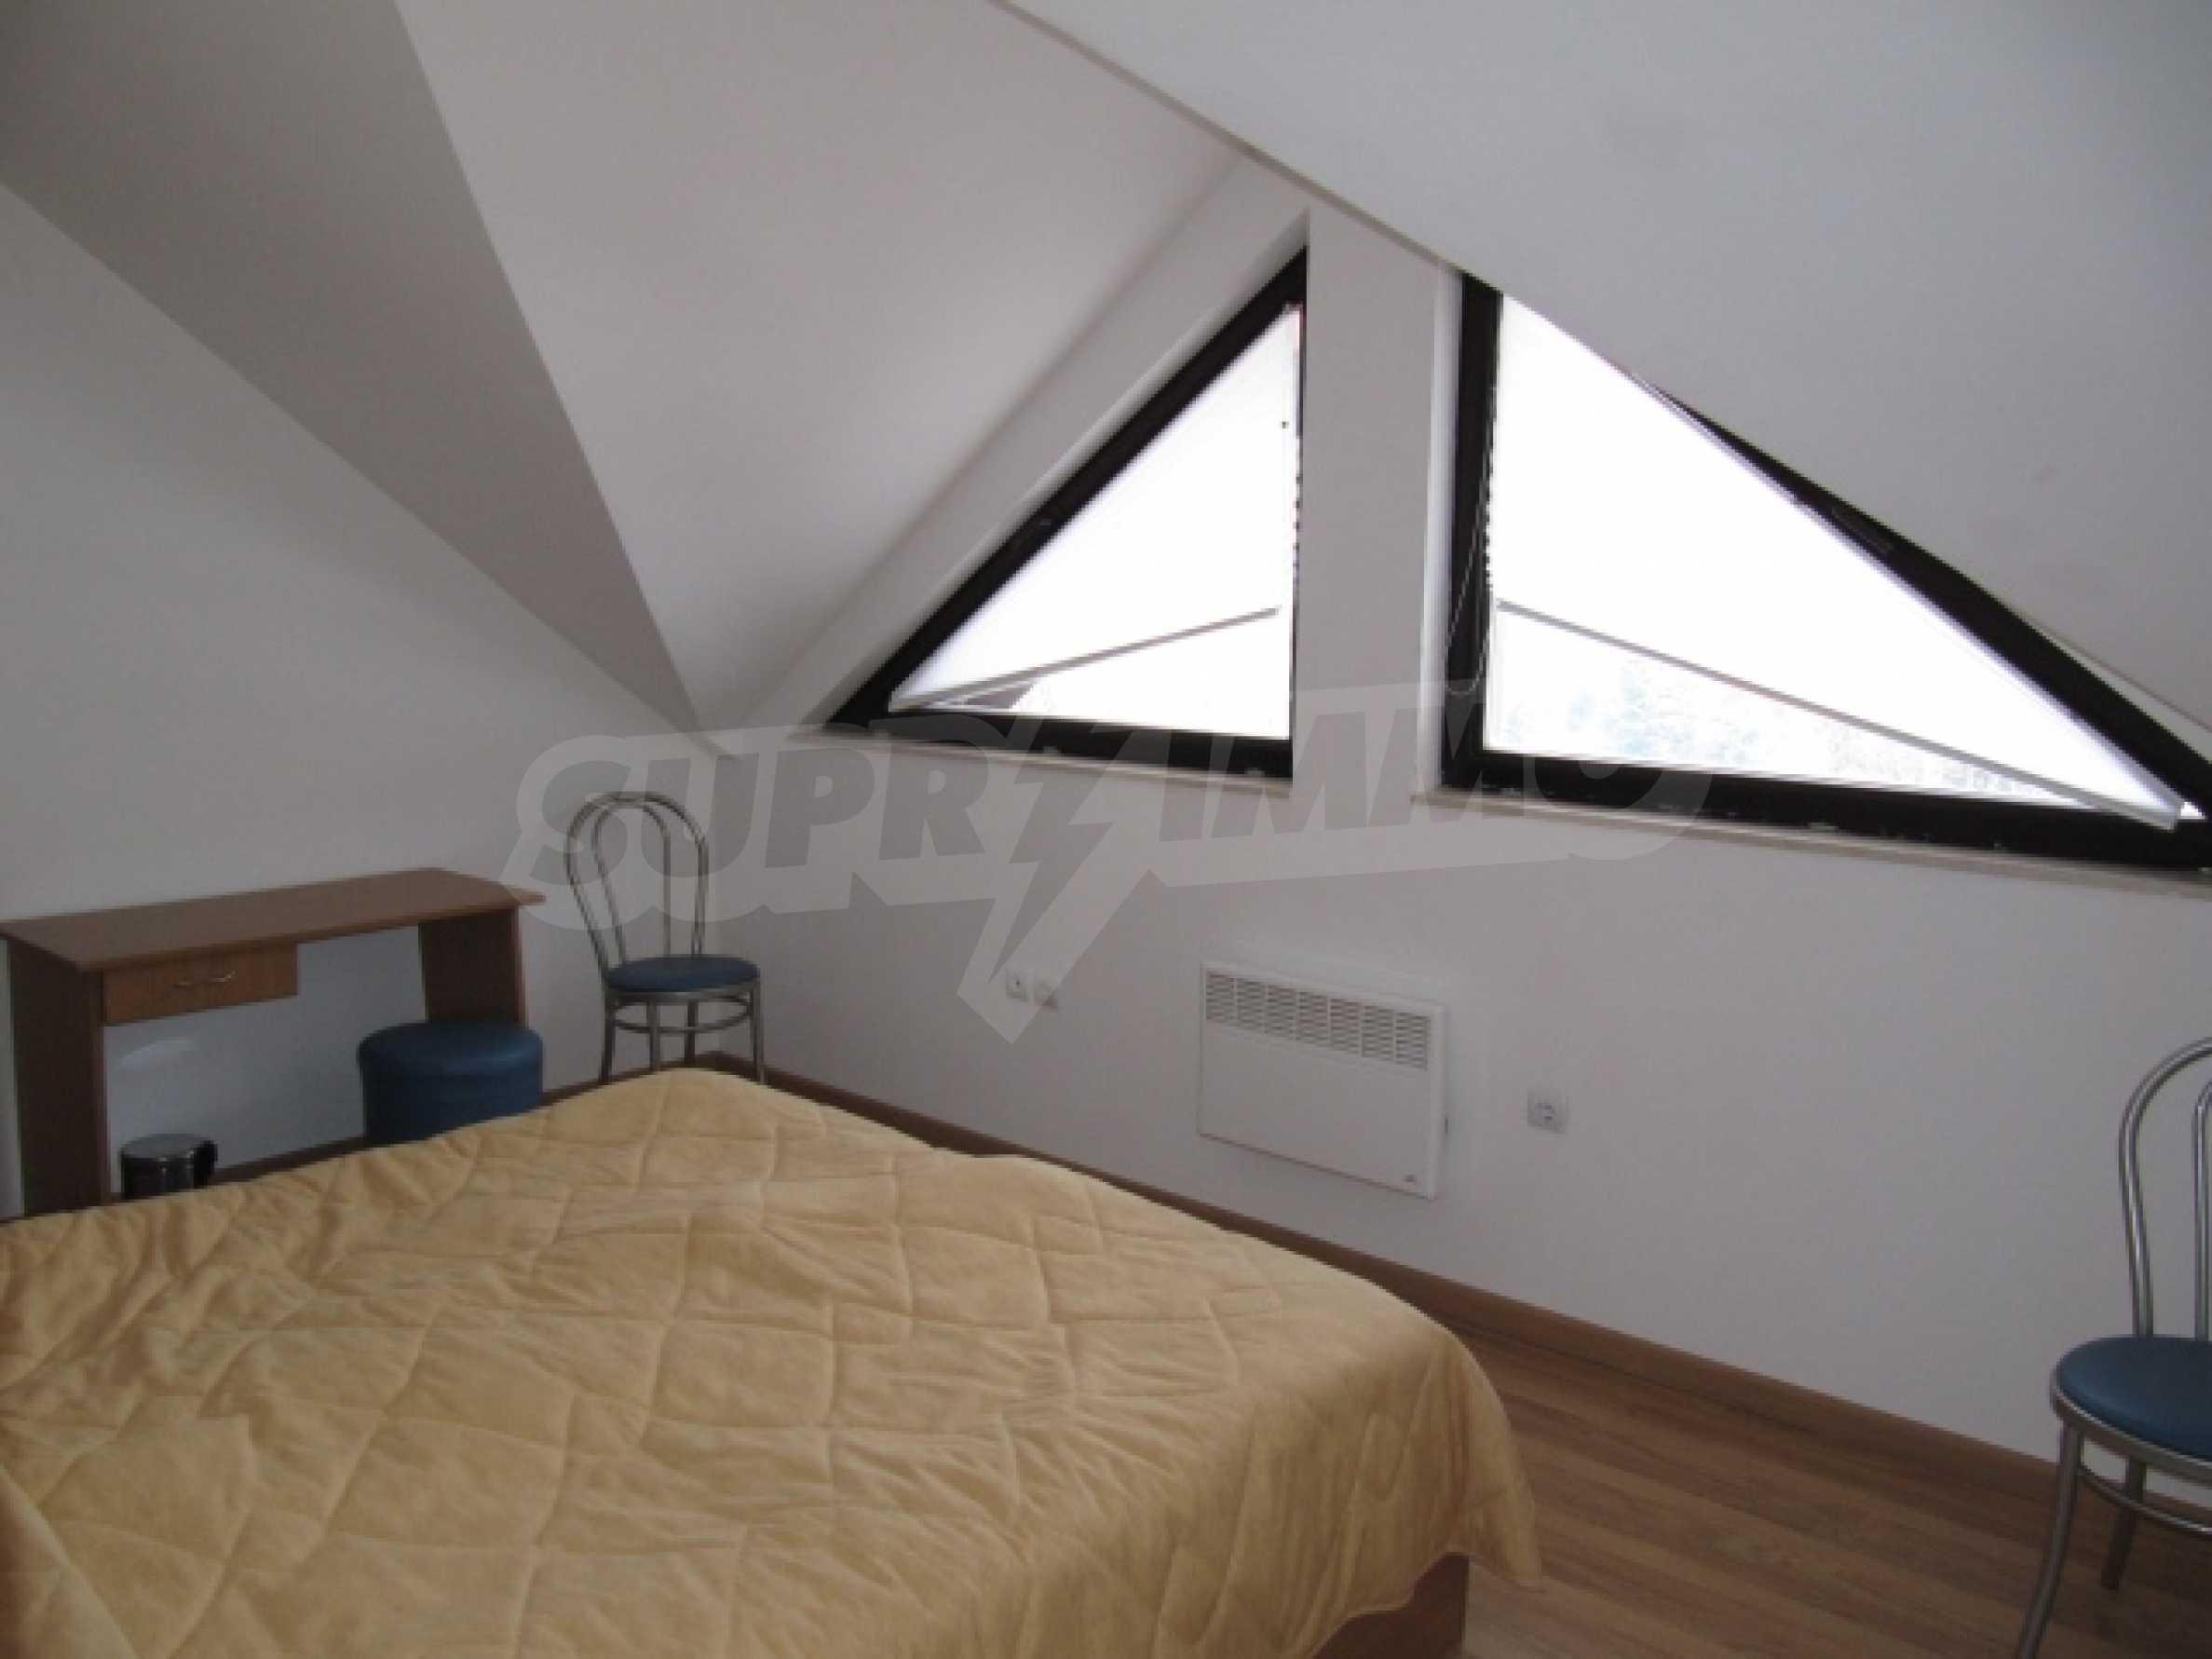 Трехкомнатная квартира на продажу в горнолыжном курорте Пампорово 10